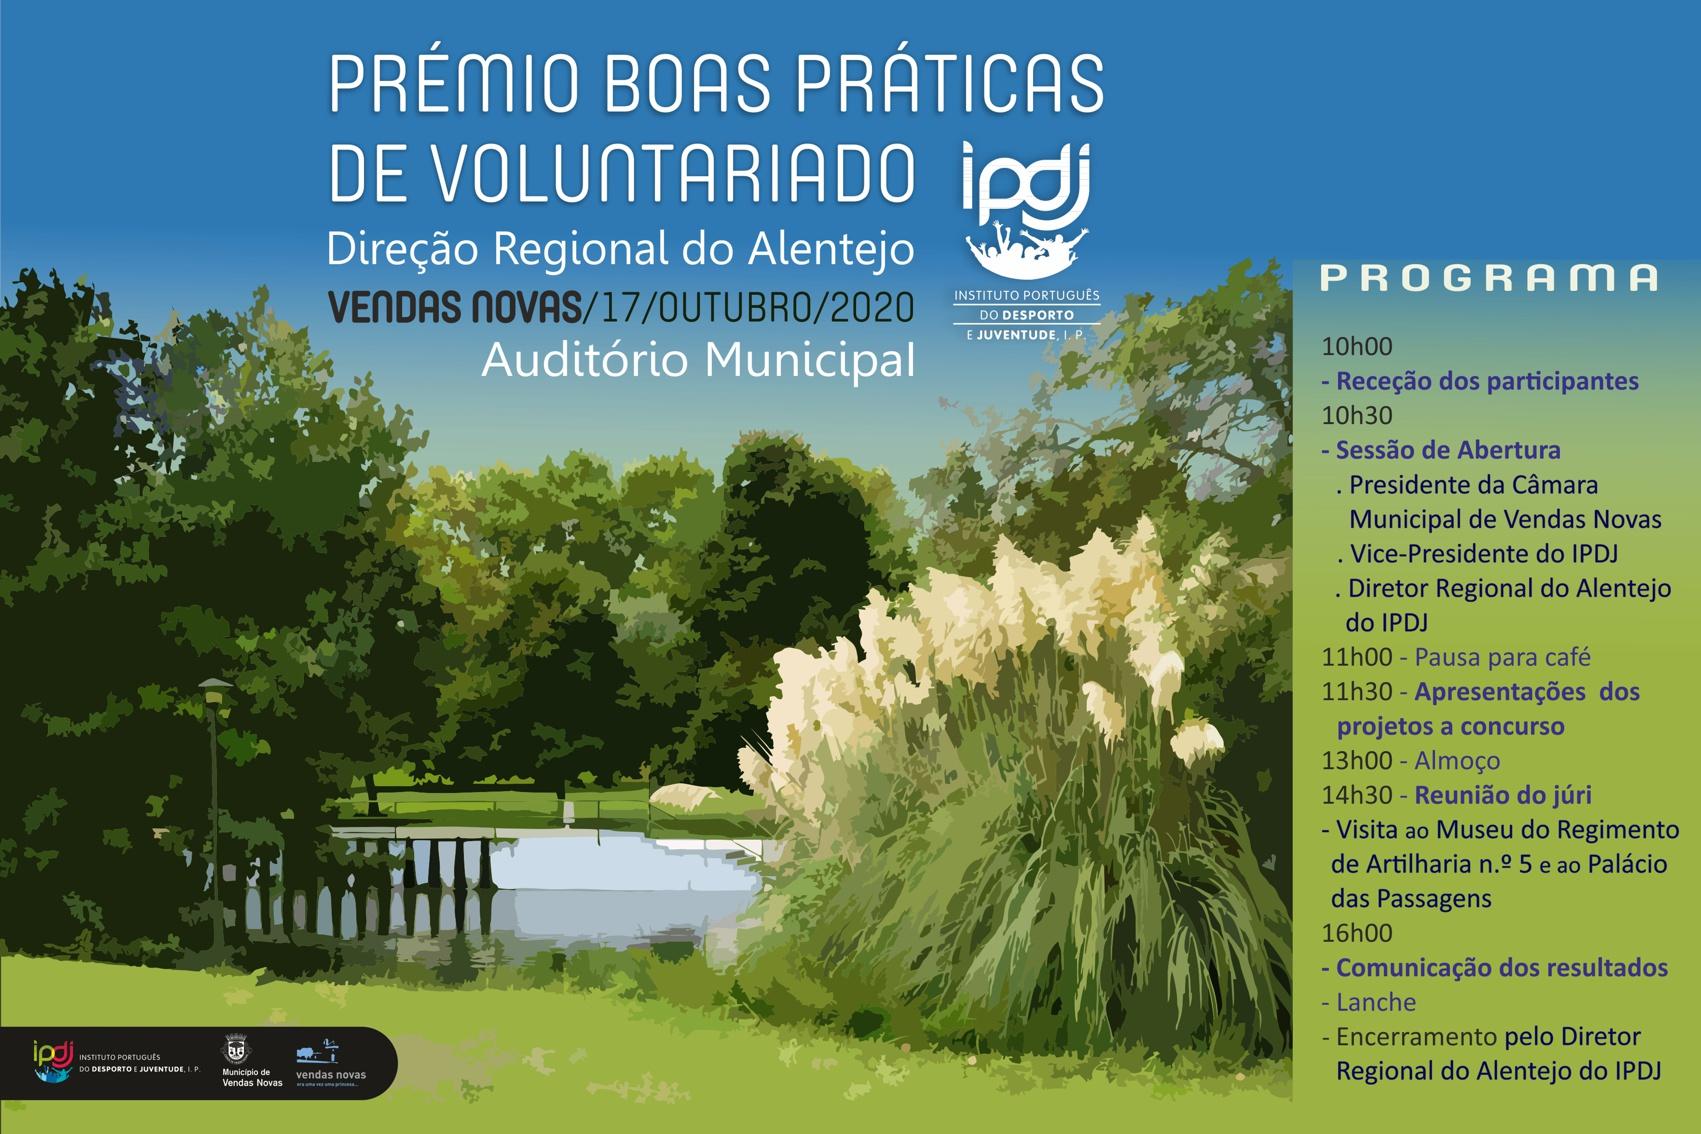 Imagem gráfica do evento com letering  Boas Praticas Alentejo